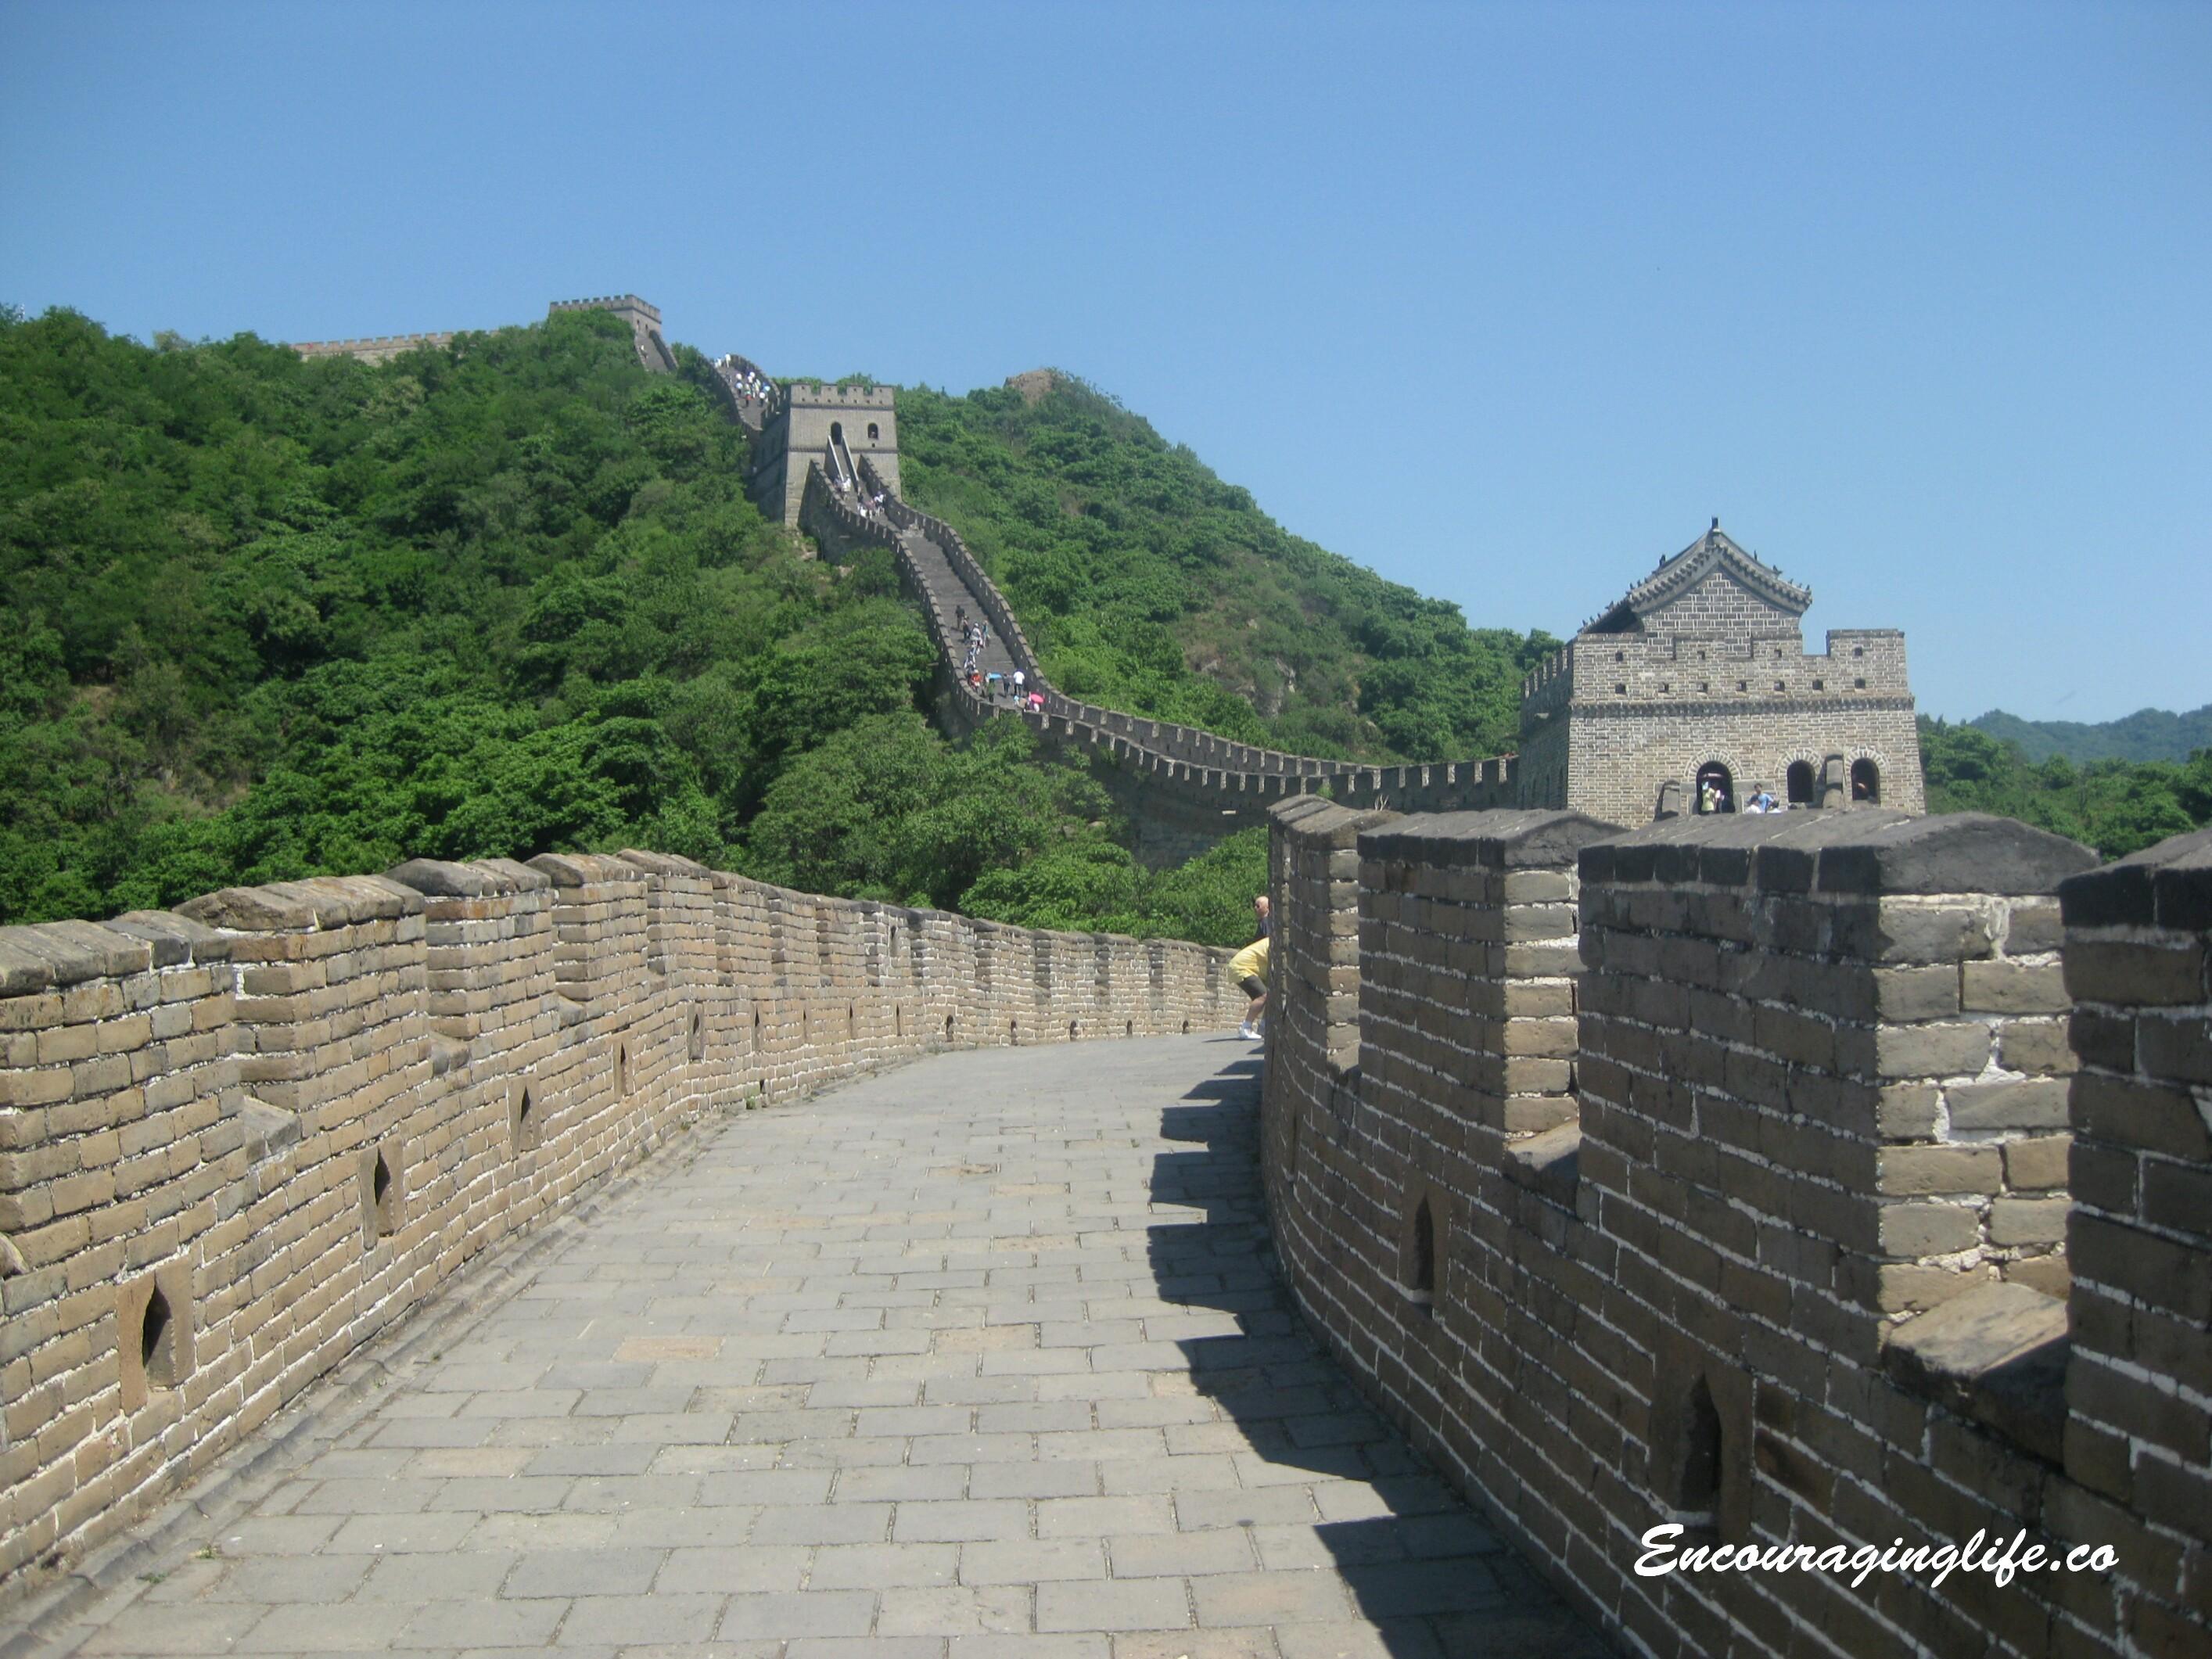 Beijing Photo #4